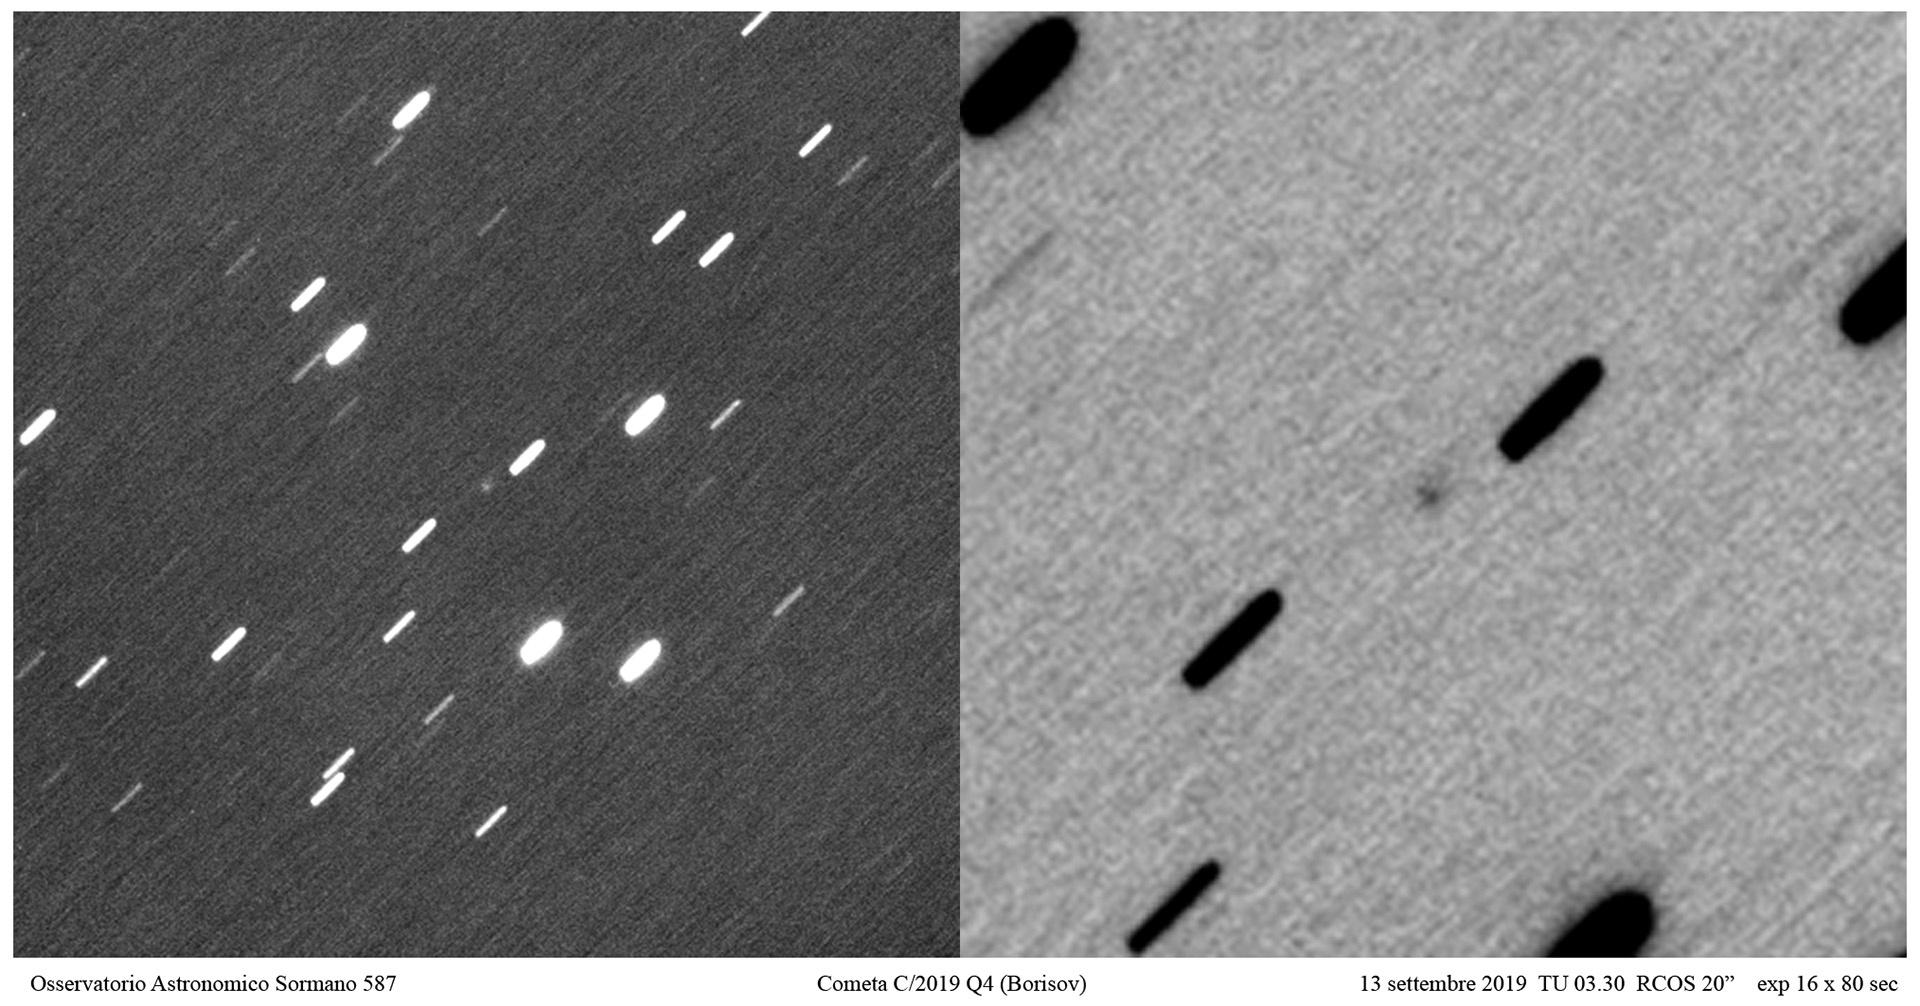 C/2019 Q4 (Borisov), la cometa interstellare